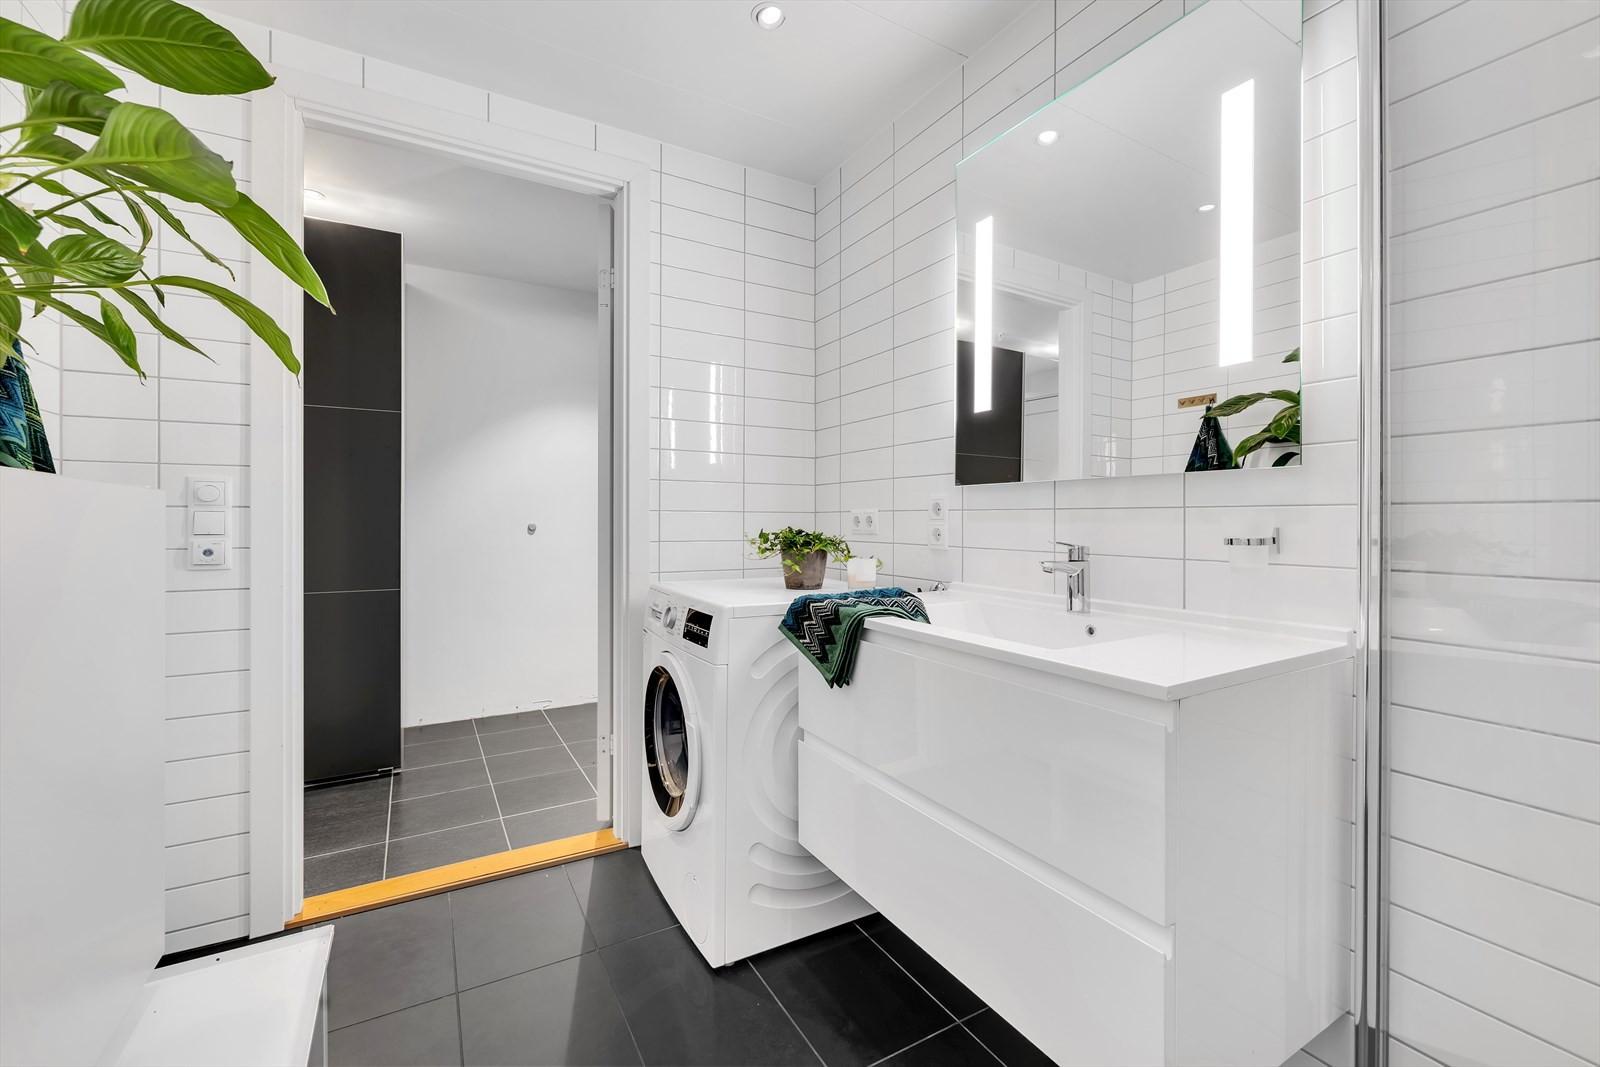 Baderom med delikate fliser, vegghengt toalett, vask med hvitt underskap, speil med lys, dusj med sammen foldbare glassdører.